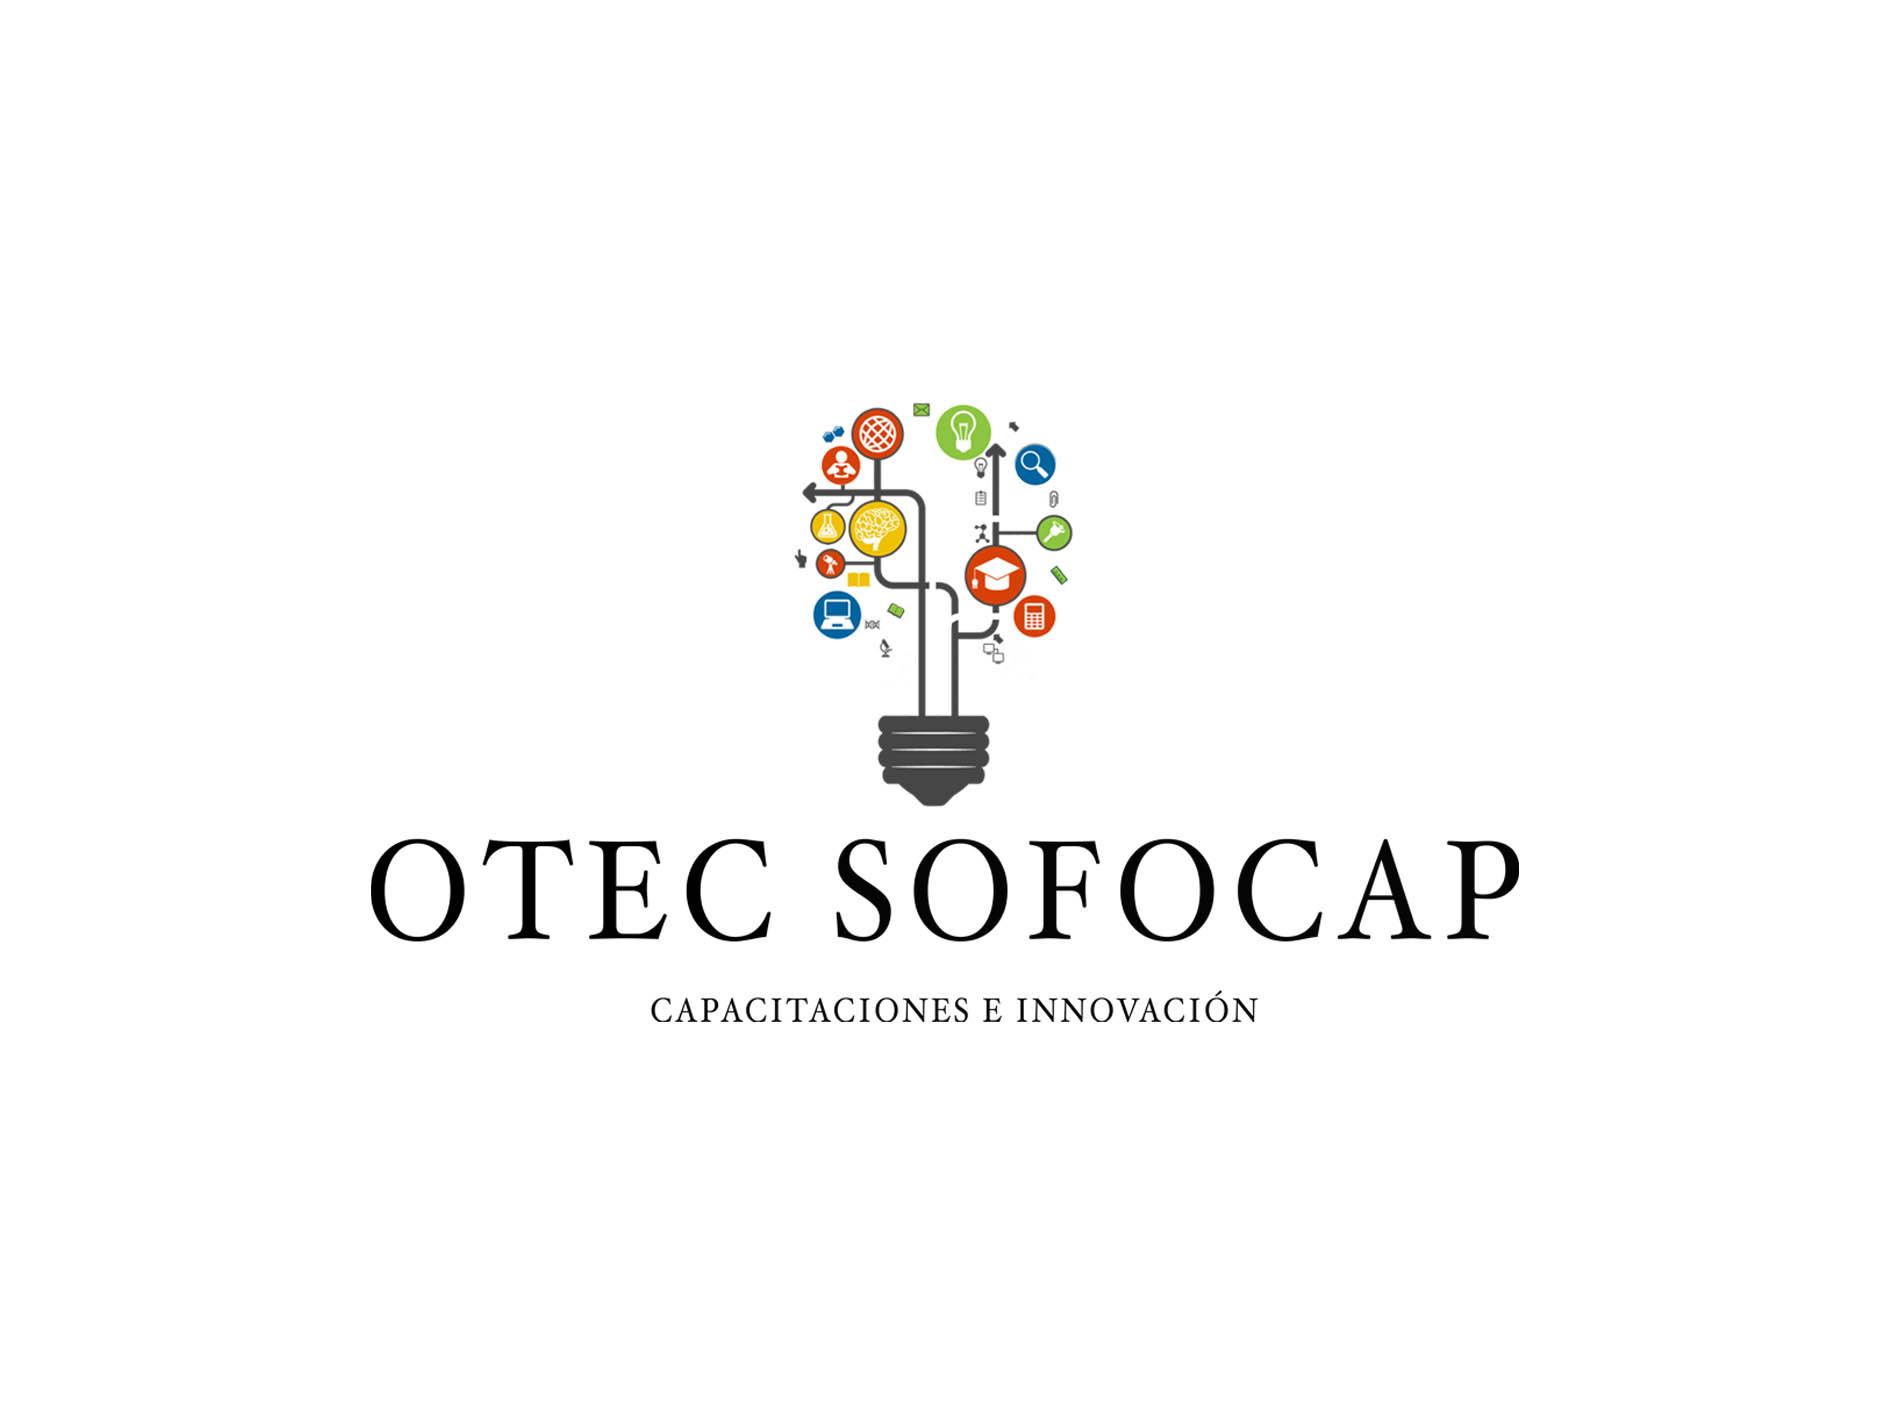 Logo Sociedad de Fomento para la Capacitacion Spa